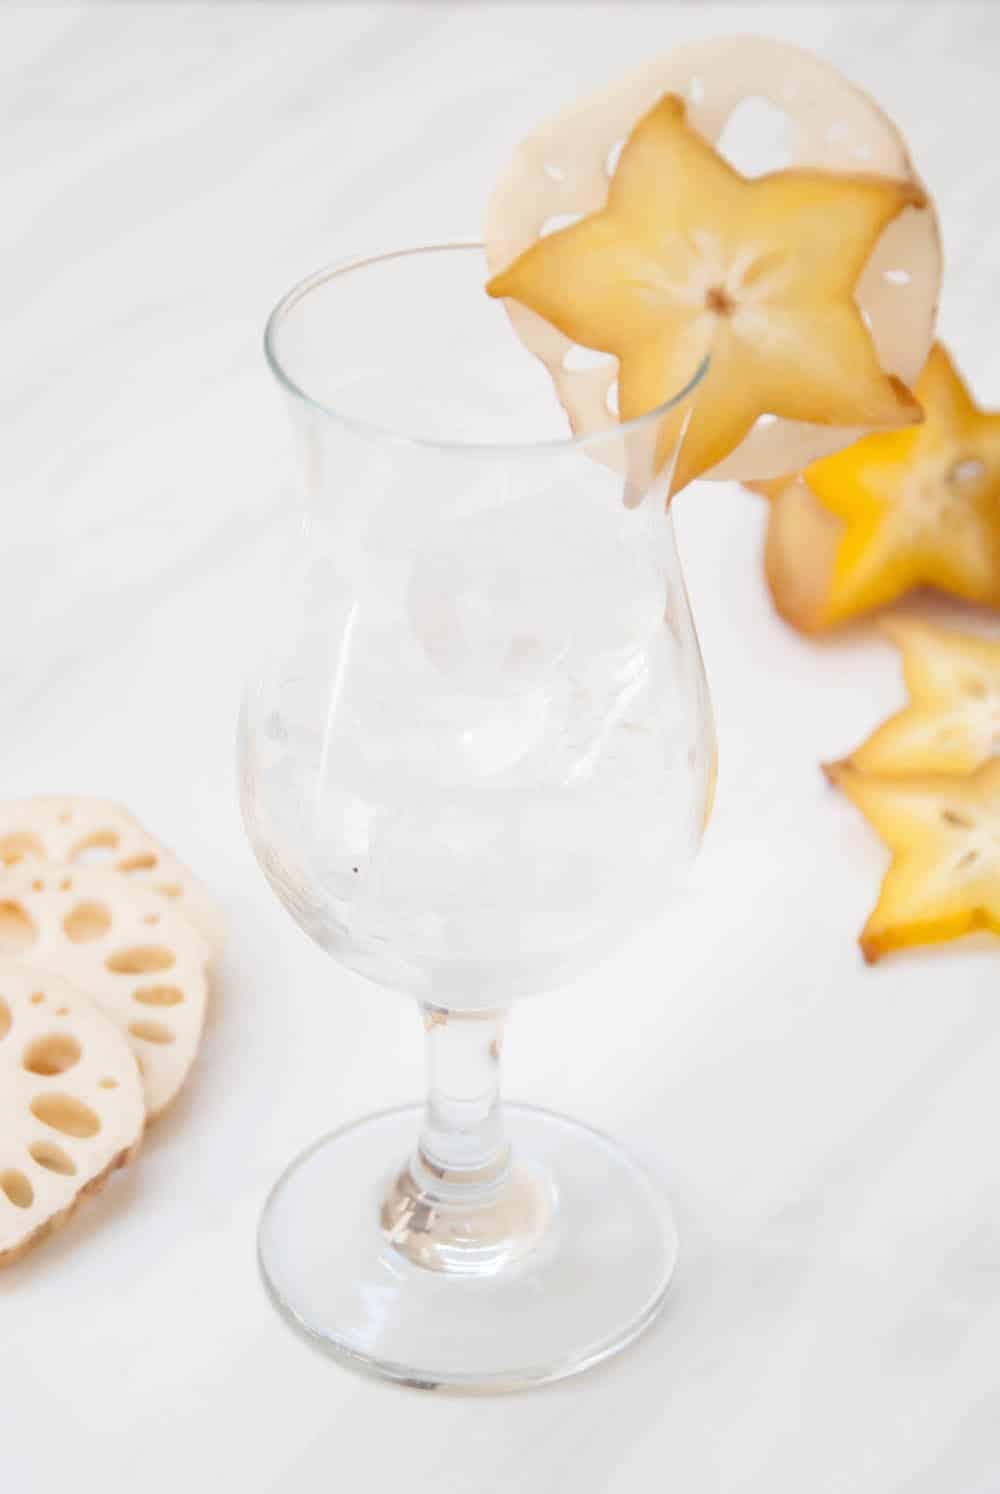 Island-Inspired Edible Cocktail Garnish: Lotus Root + Starfruit